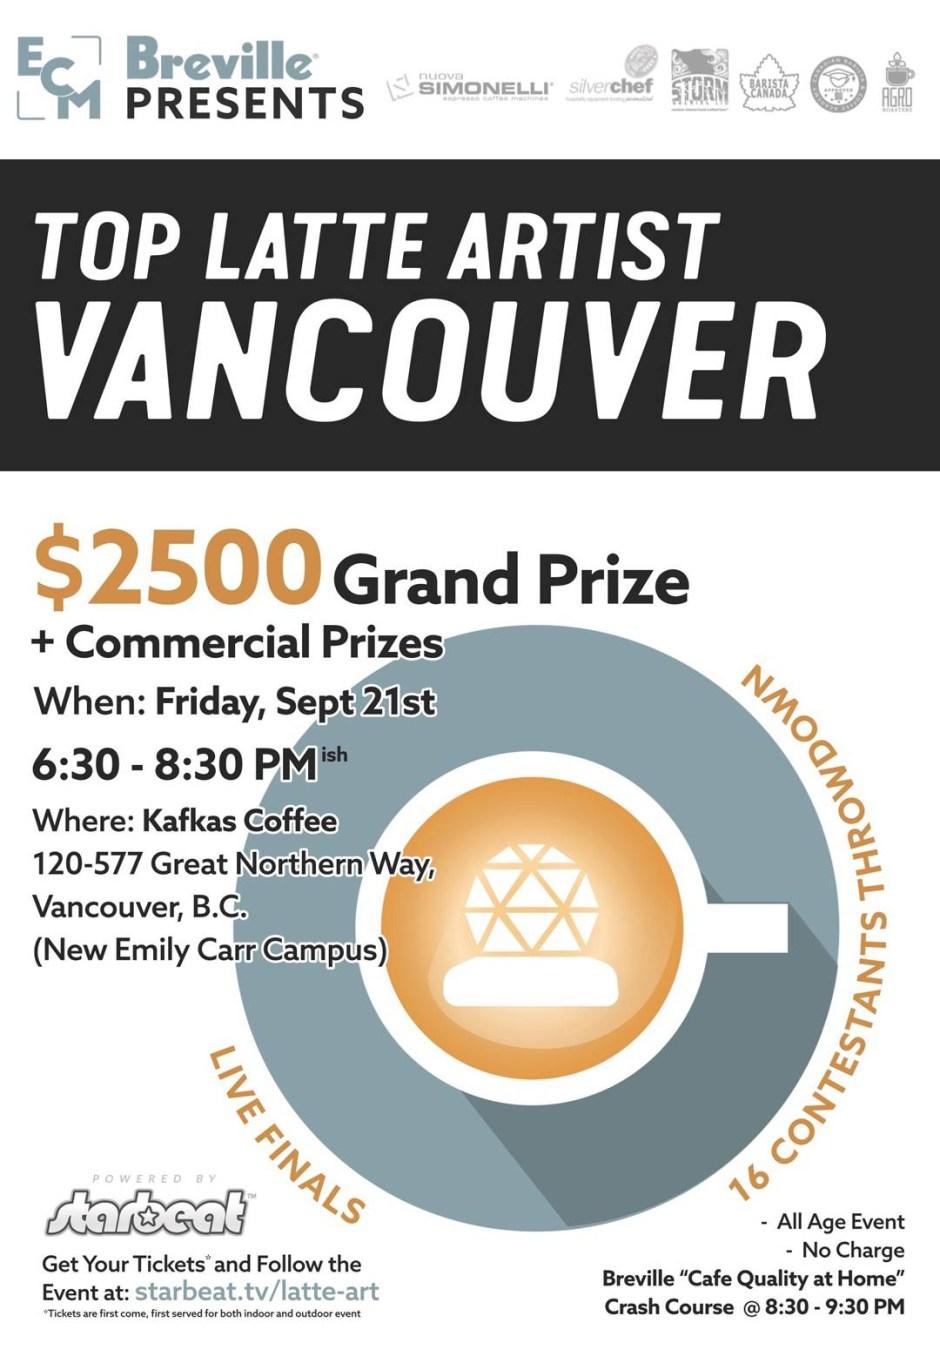 Vancouver Latte Artist Contest